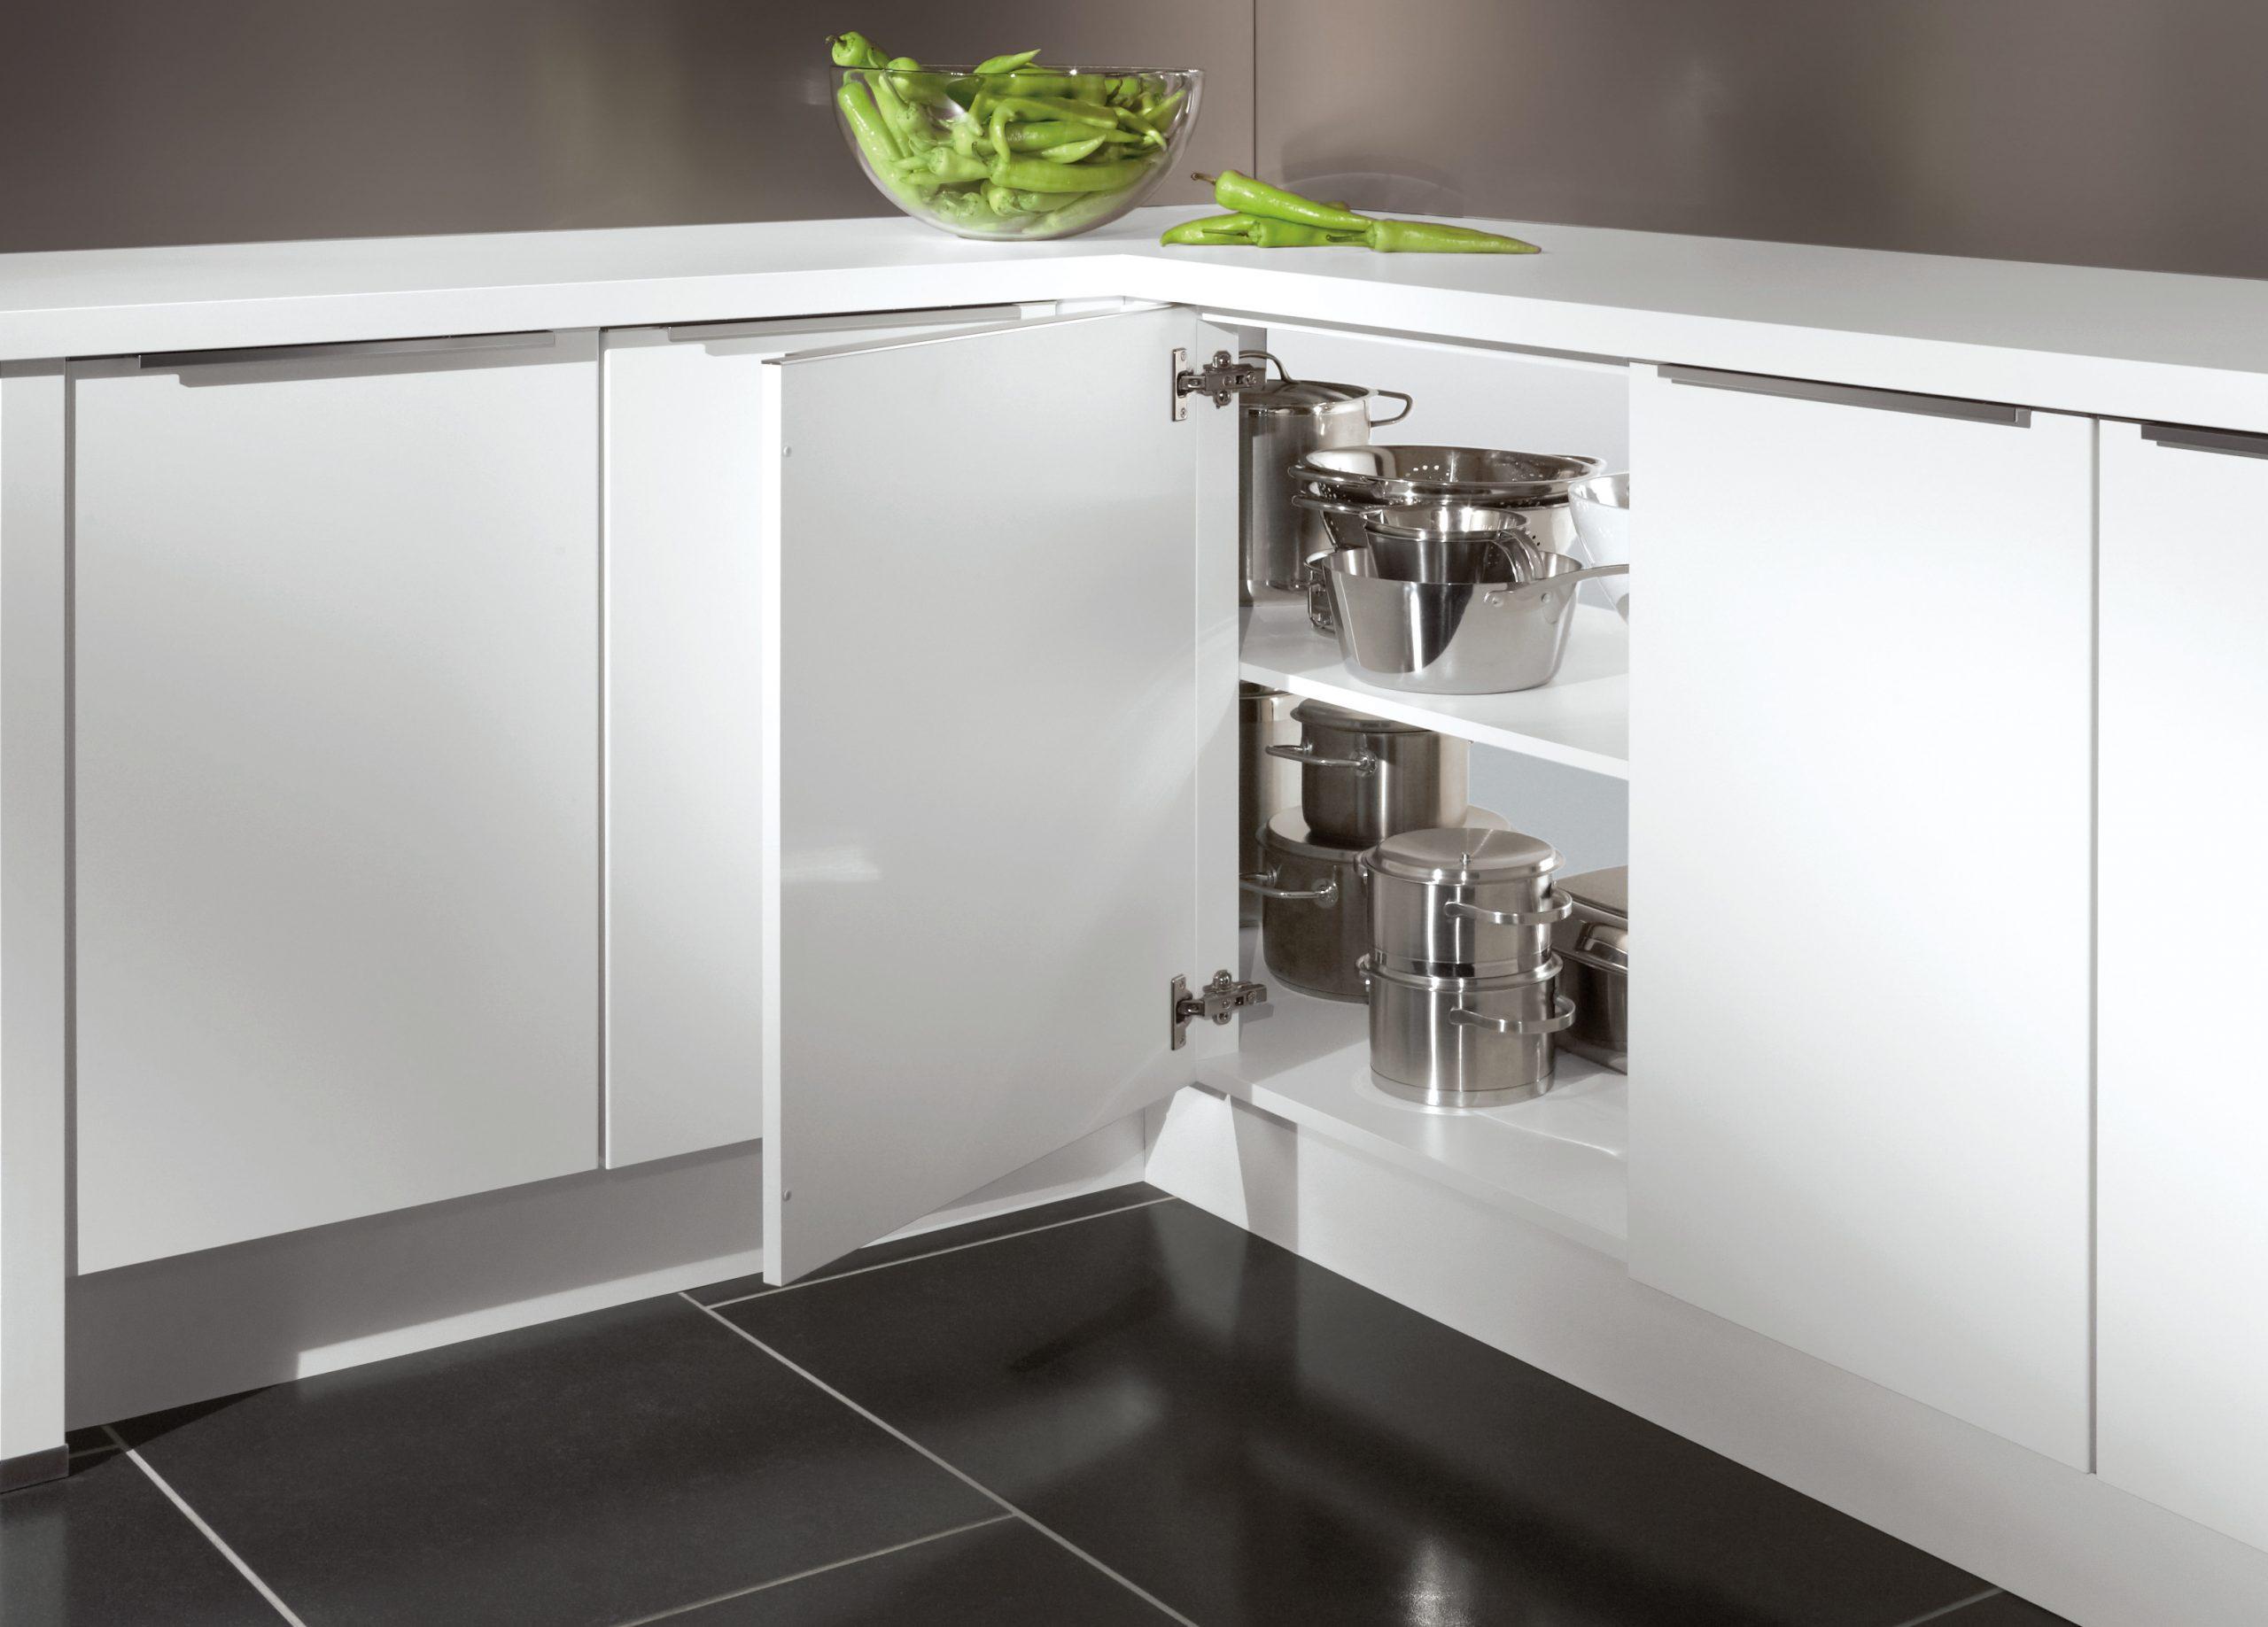 Full Size of Einlegeboden Schublade Küche Einlegeboden Küchenschrank Nolte Einlegeböden Küche Einlegeboden Nolte Küche Küche Einlegeböden Küche